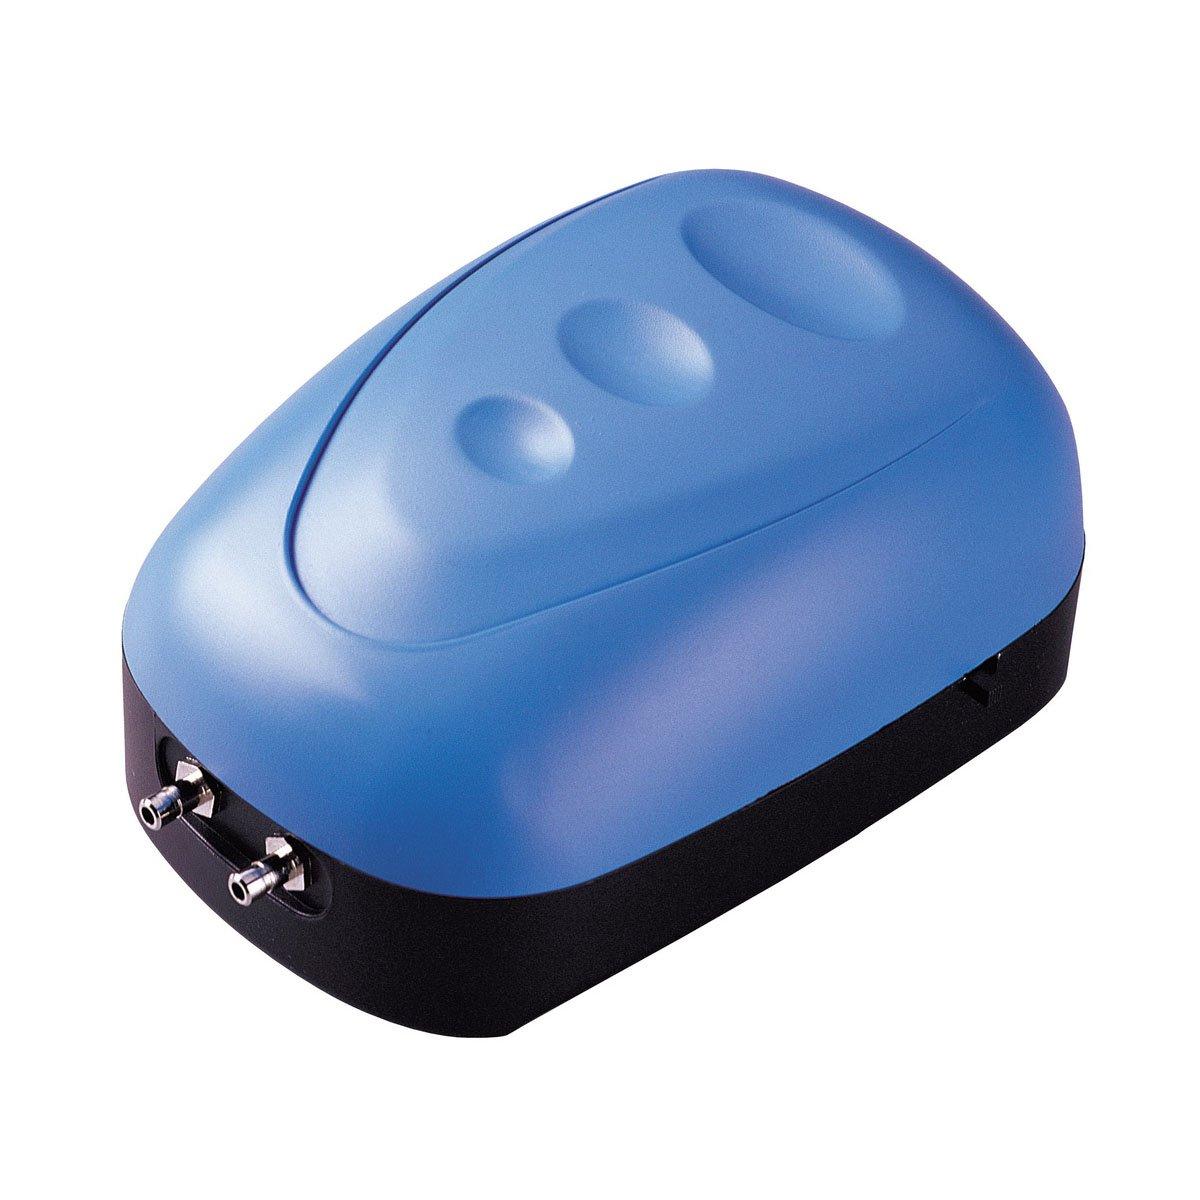 (Double Outlet, up to 151.4l) CNZ Aquarium Air Pump